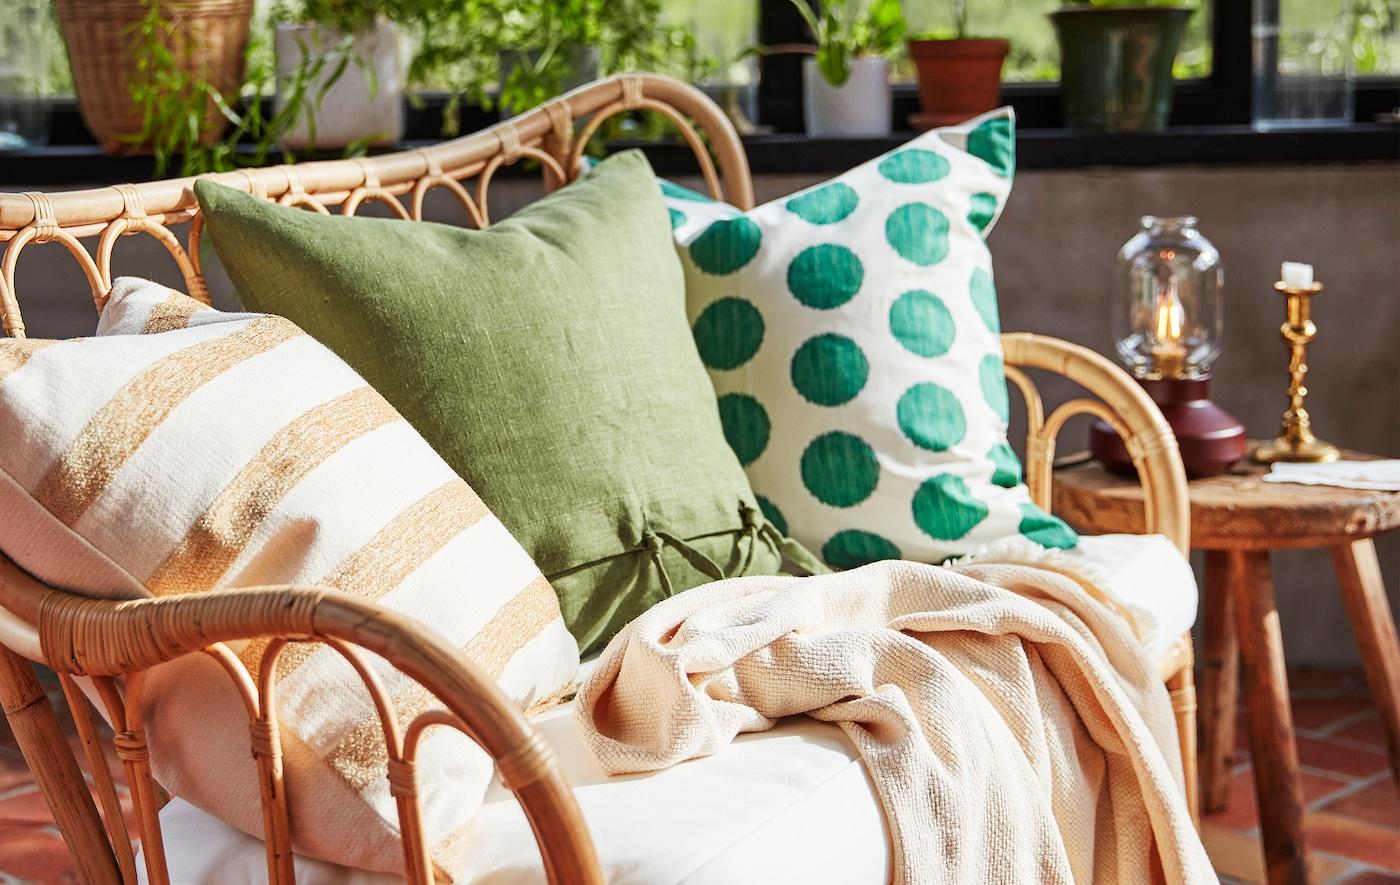 Trois coussins avec des motifs différents dans des teintes douces, placés sur un canapé en rotin naturel dans une salle de séjour.